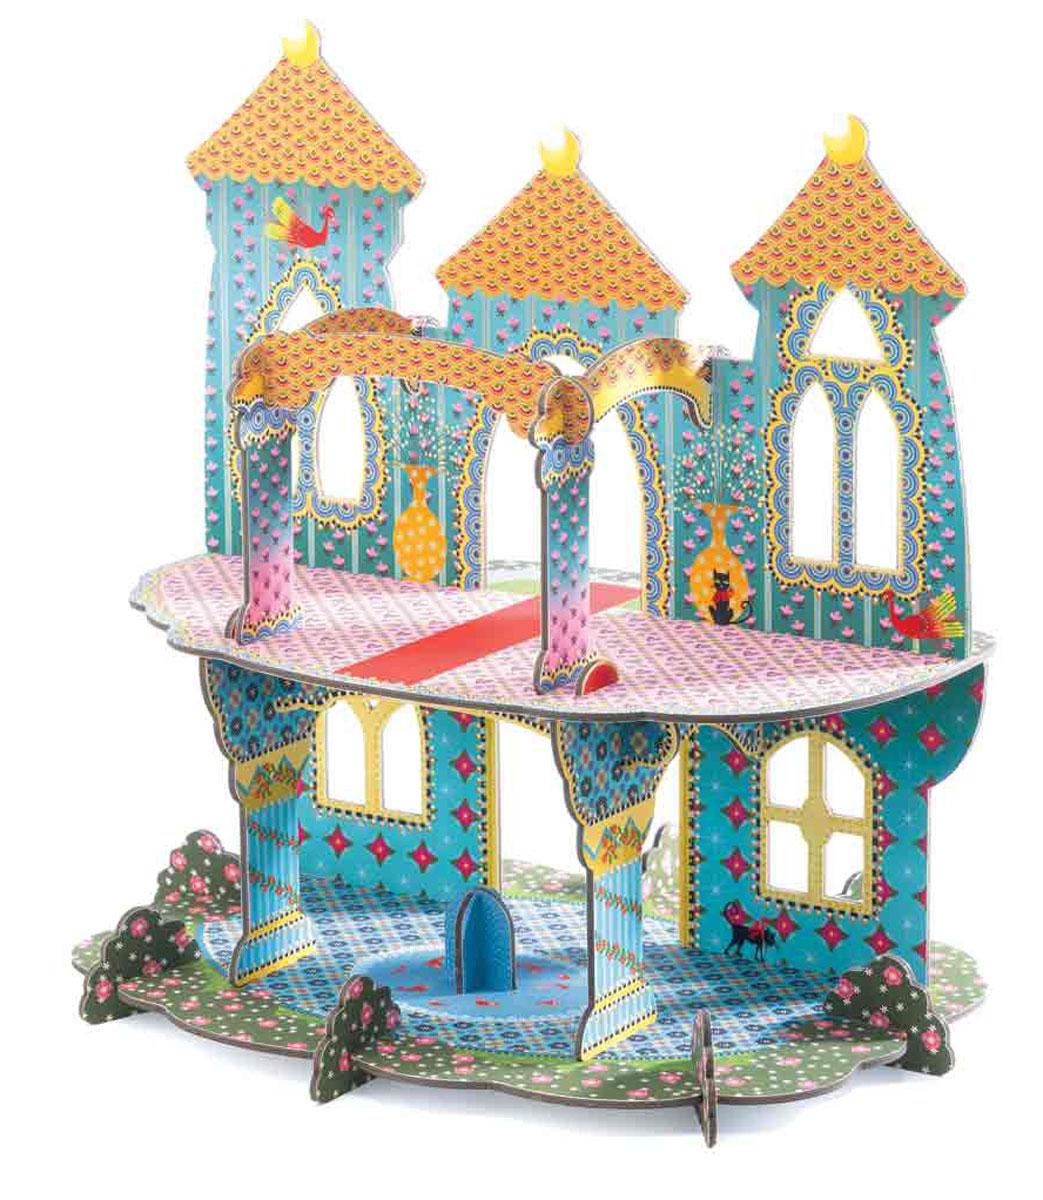 Djeco Pop to Play Конструктор Замок чудес07702Объемный конструктор Djeco Замок чудес порадует вашу малышку. Он включает 20 красочных элементов, выполненных из очень крепкого картона, из которых собирается великолепный объемный замок. Схематичная инструкция позволит это сделать правильно и быстро. Двухэтажный замок станет красивым фоном для игр с куклами, принцессами и прочими любимыми игрушками вашей девочки.